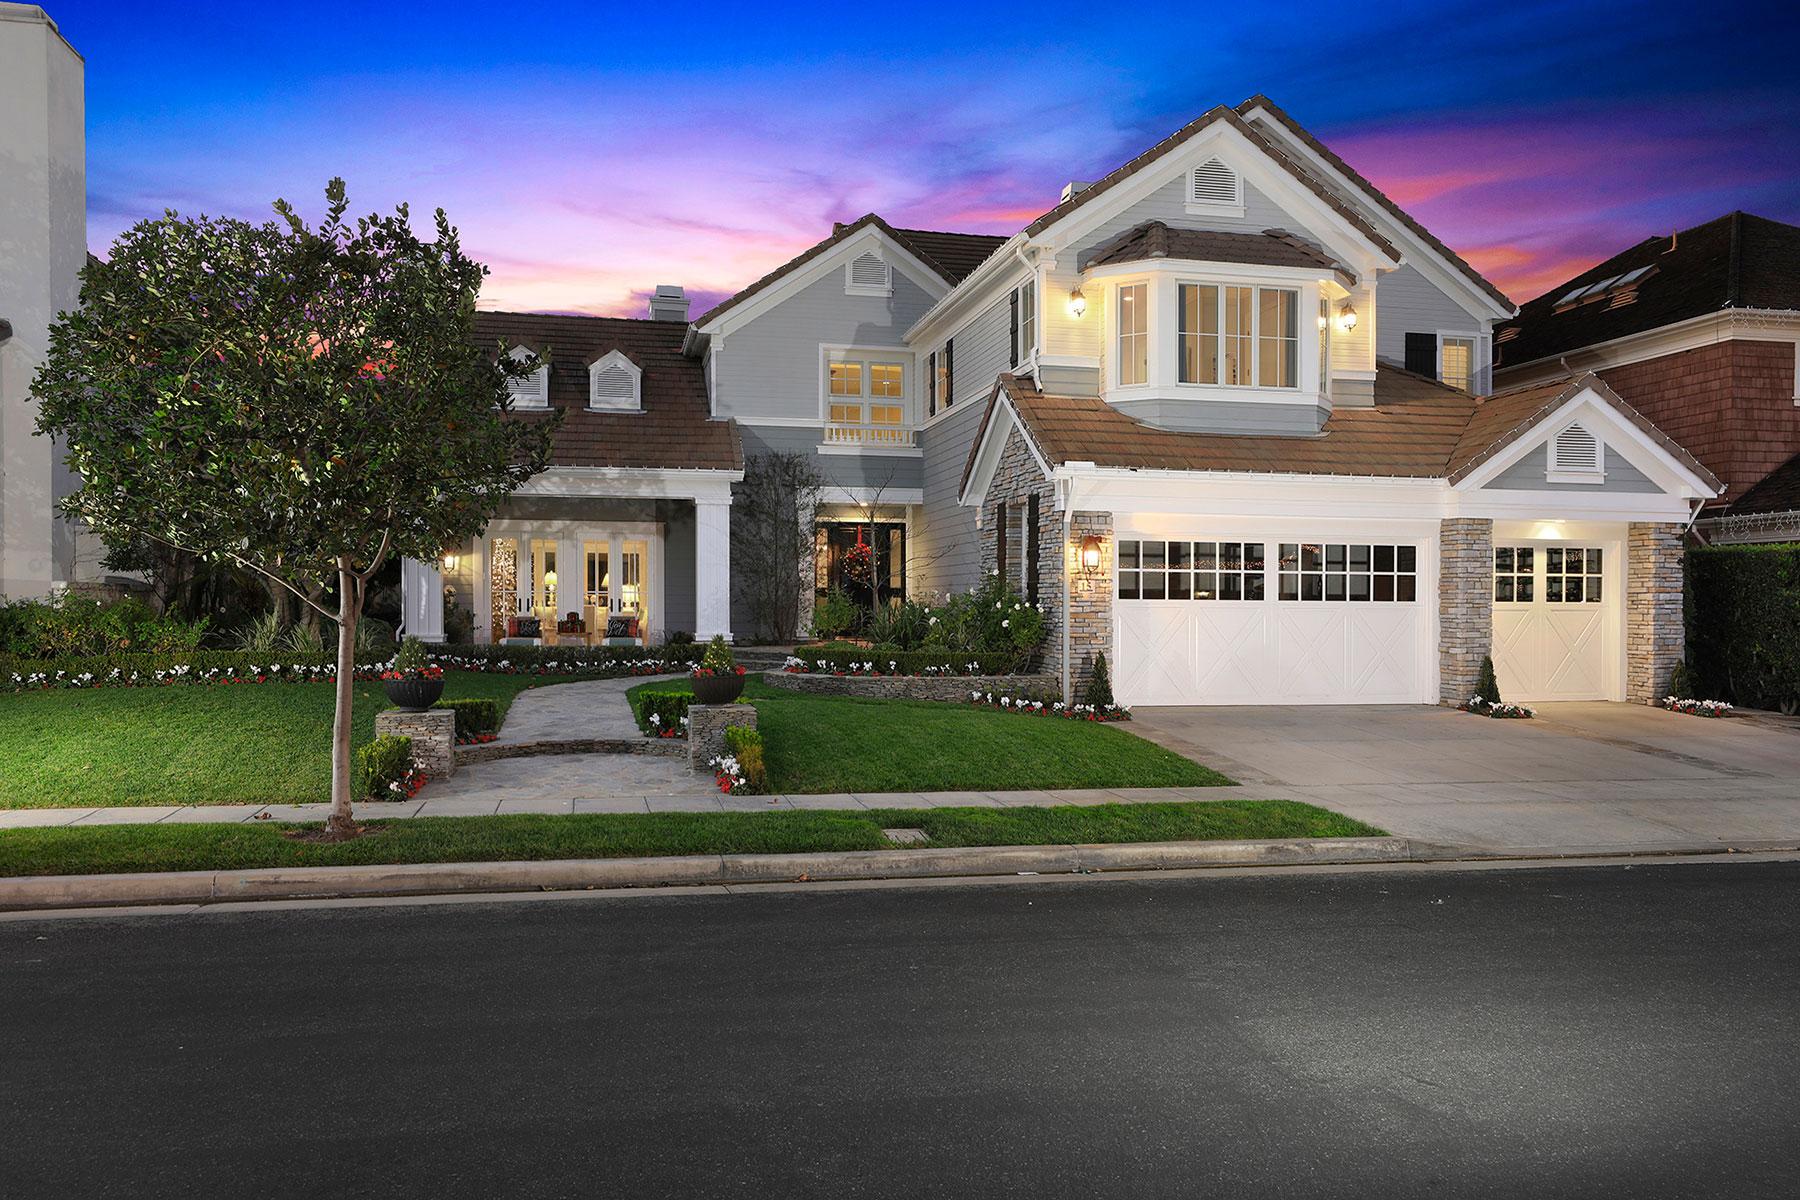 Maison unifamiliale pour l Vente à 15 Gleneagles Dr Newport Beach, Californie, 92660 États-Unis